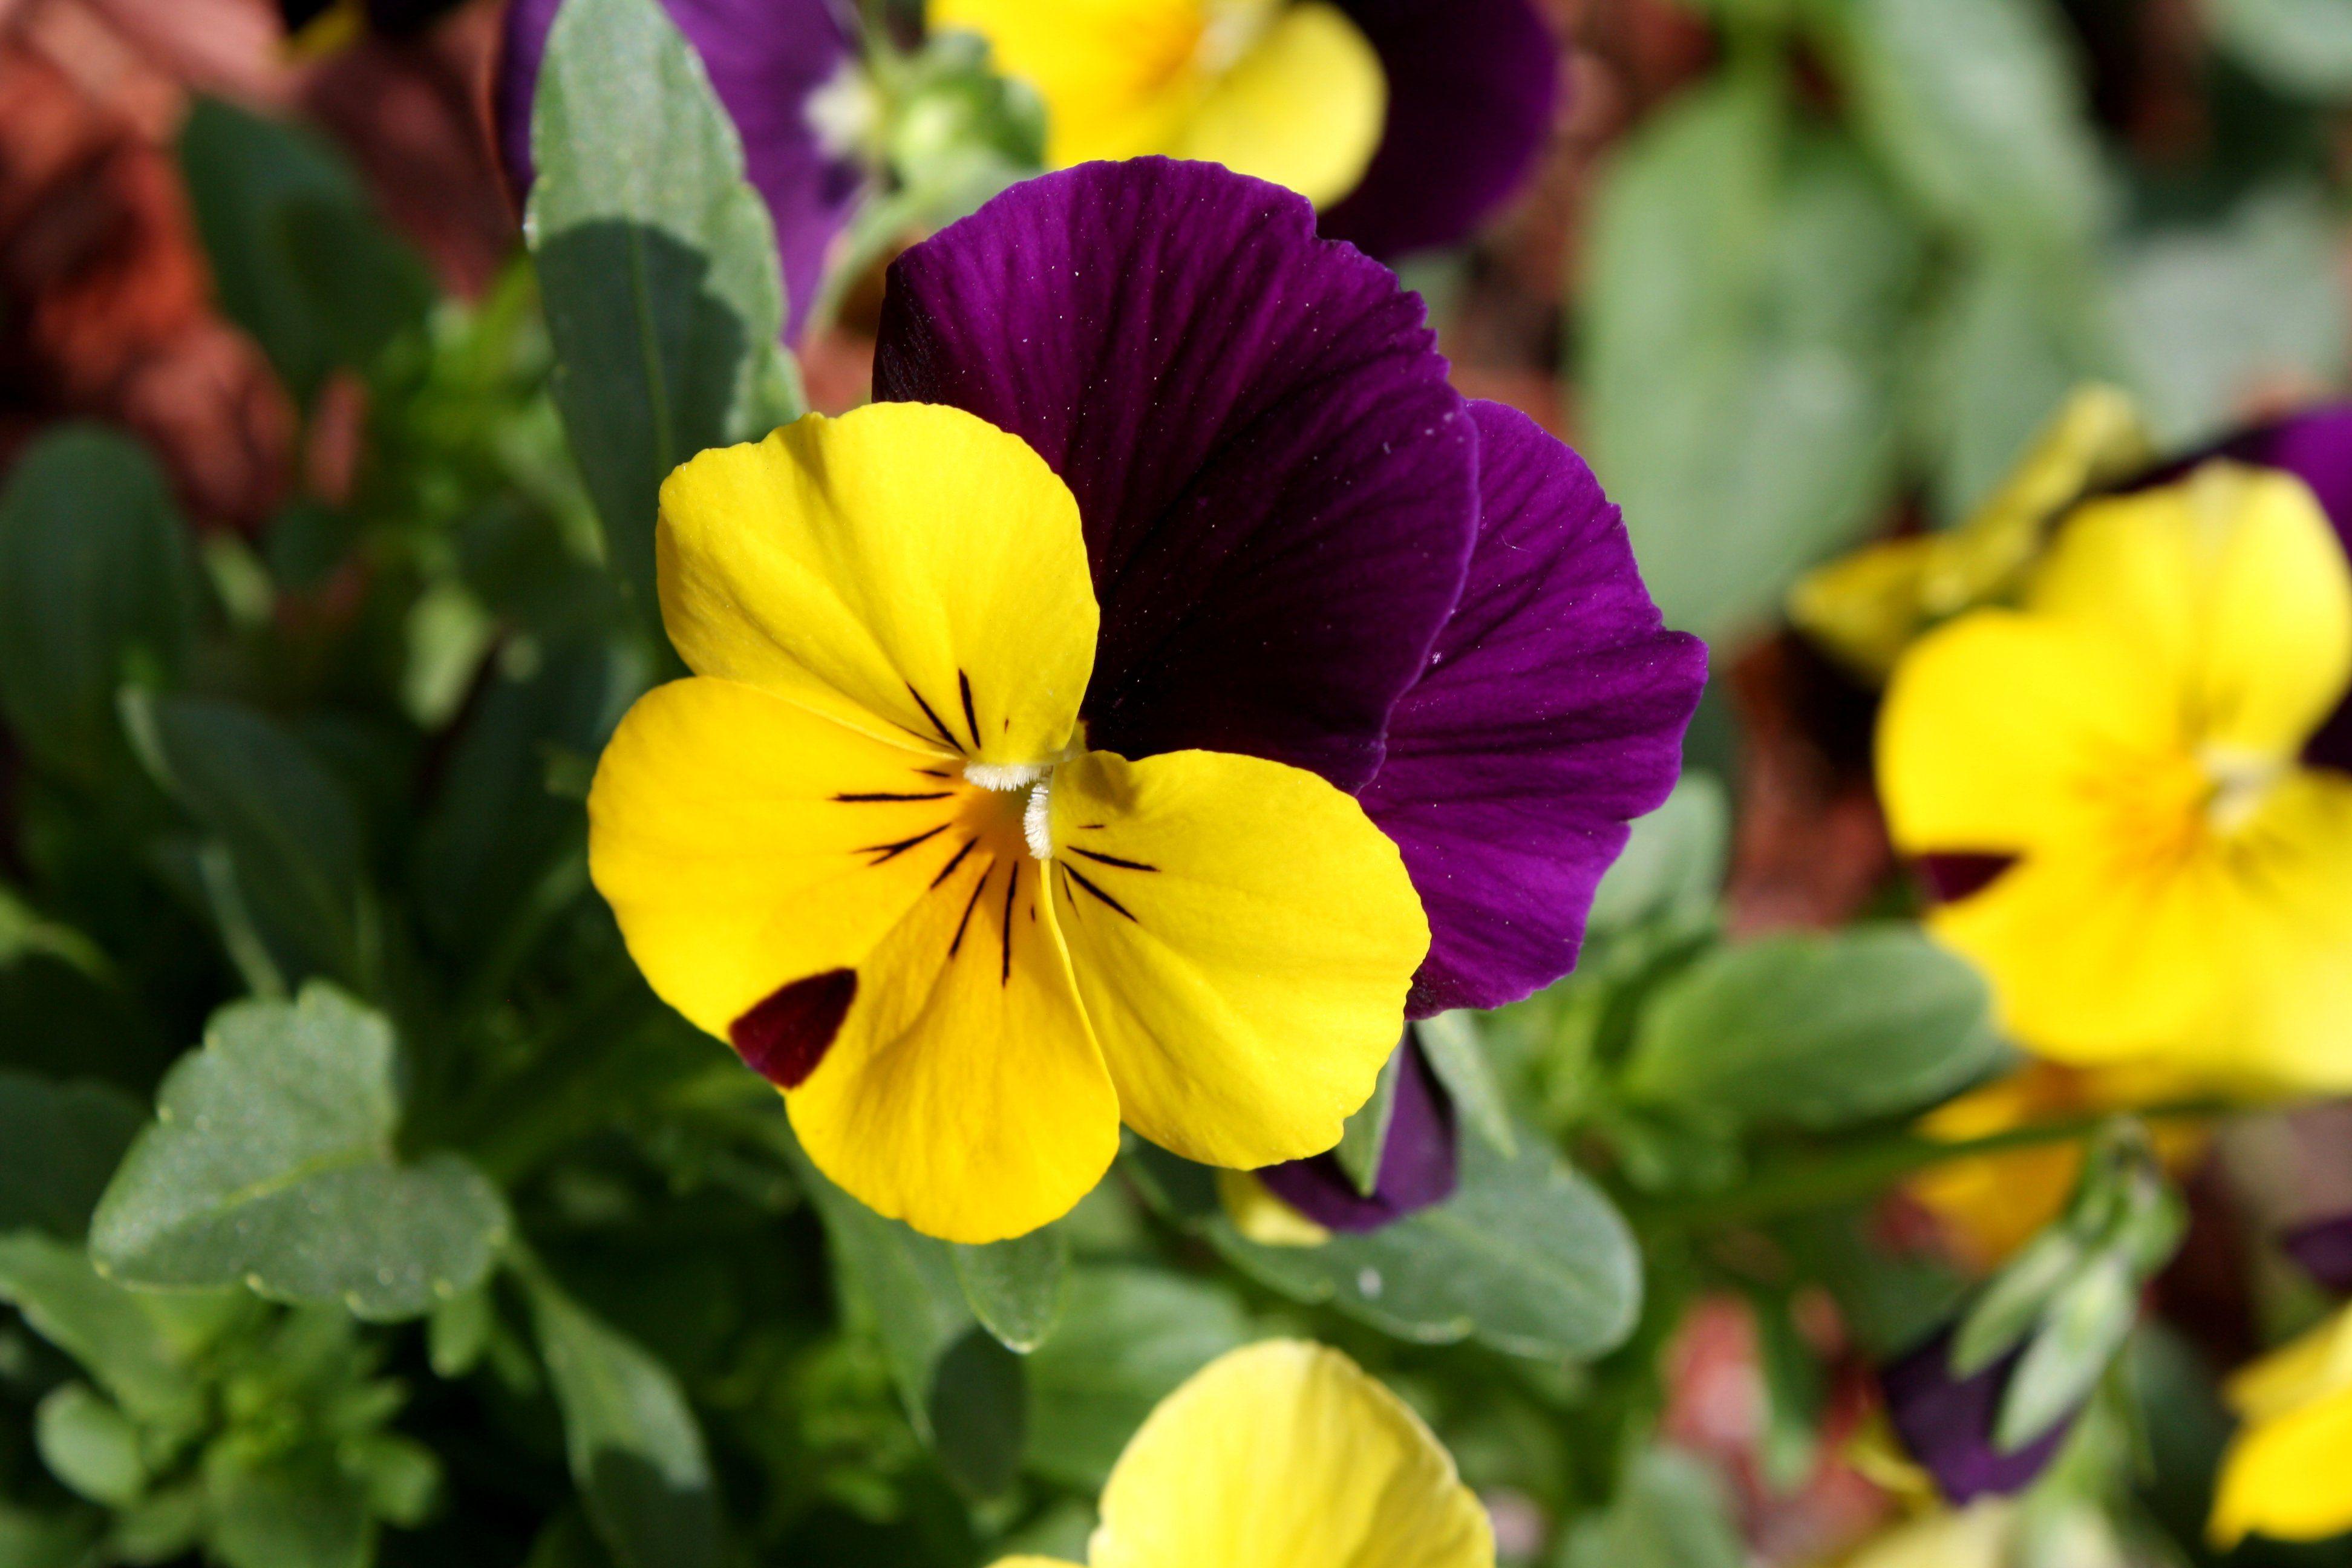 Poetry On Odyssey Loving Myself Is Peace Viola Pansies And Flowers